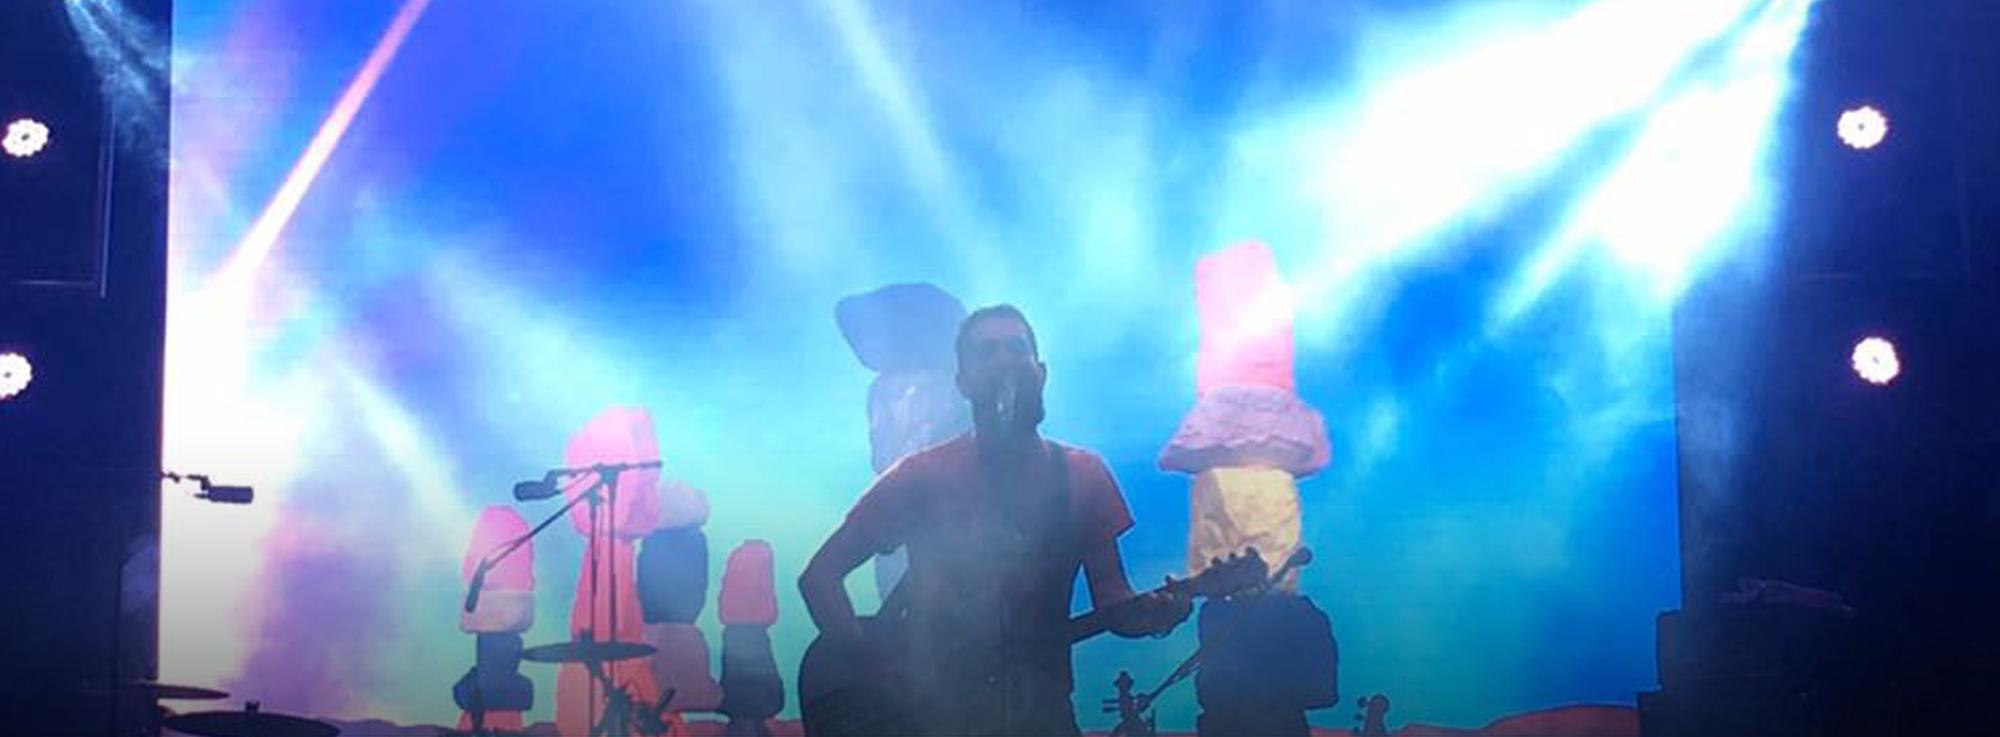 Bari: Le luci della centrale elettrica tour teatrale 2008/2018